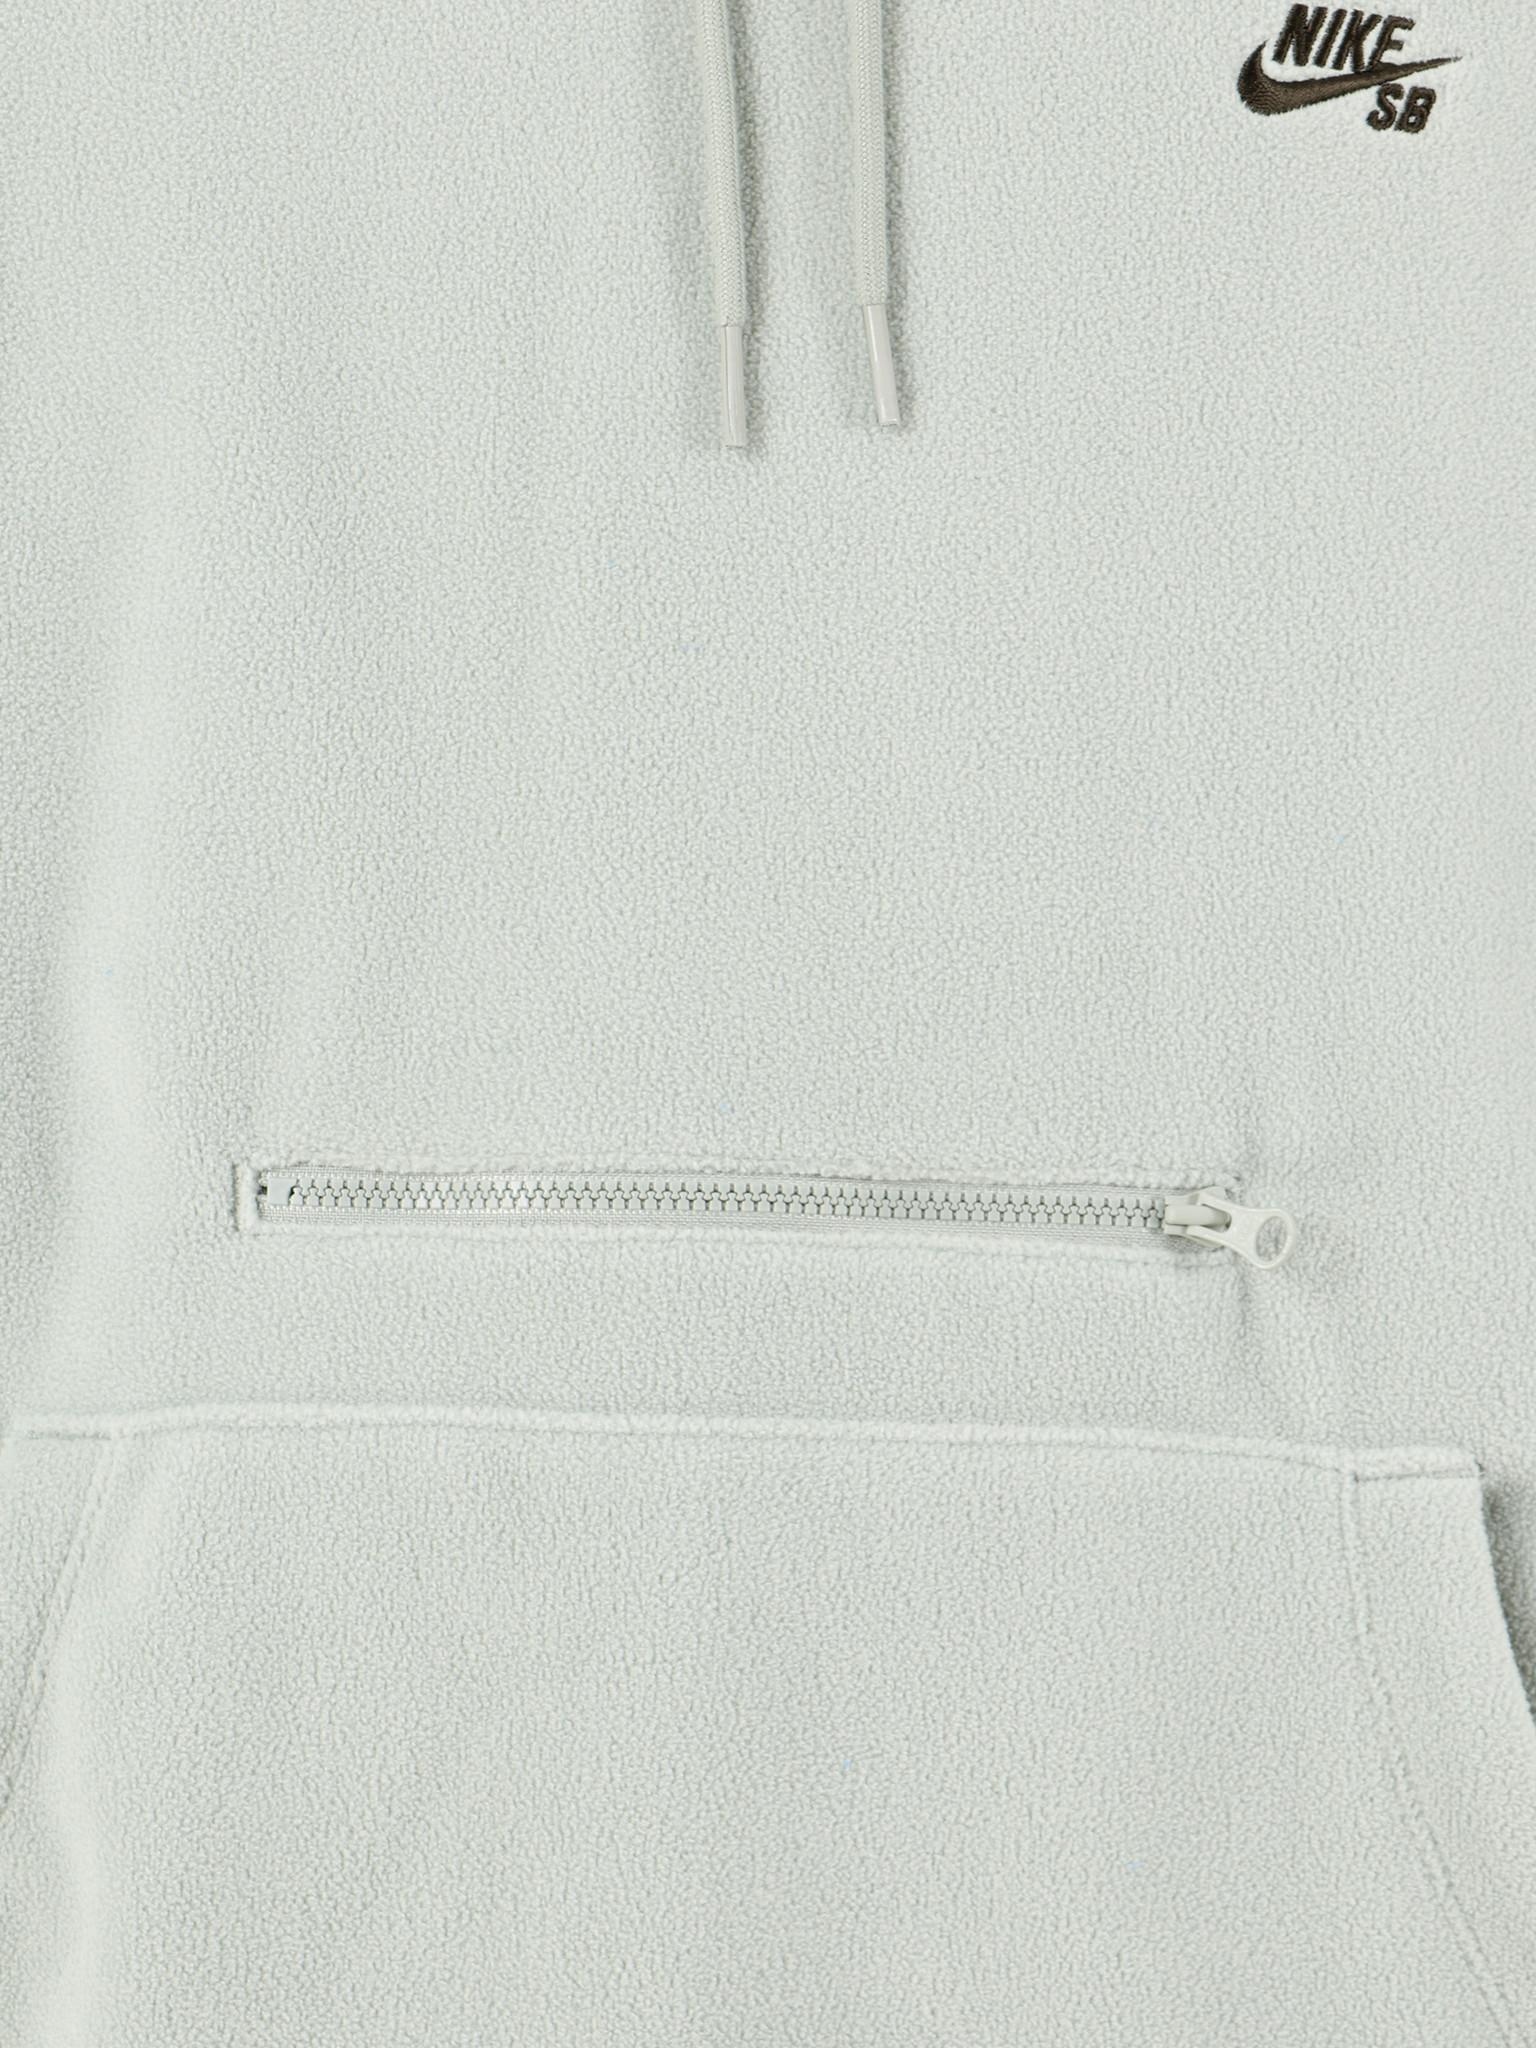 Nike Nike SB Hoodie Jade Horizon Sequoia Ci0936-372